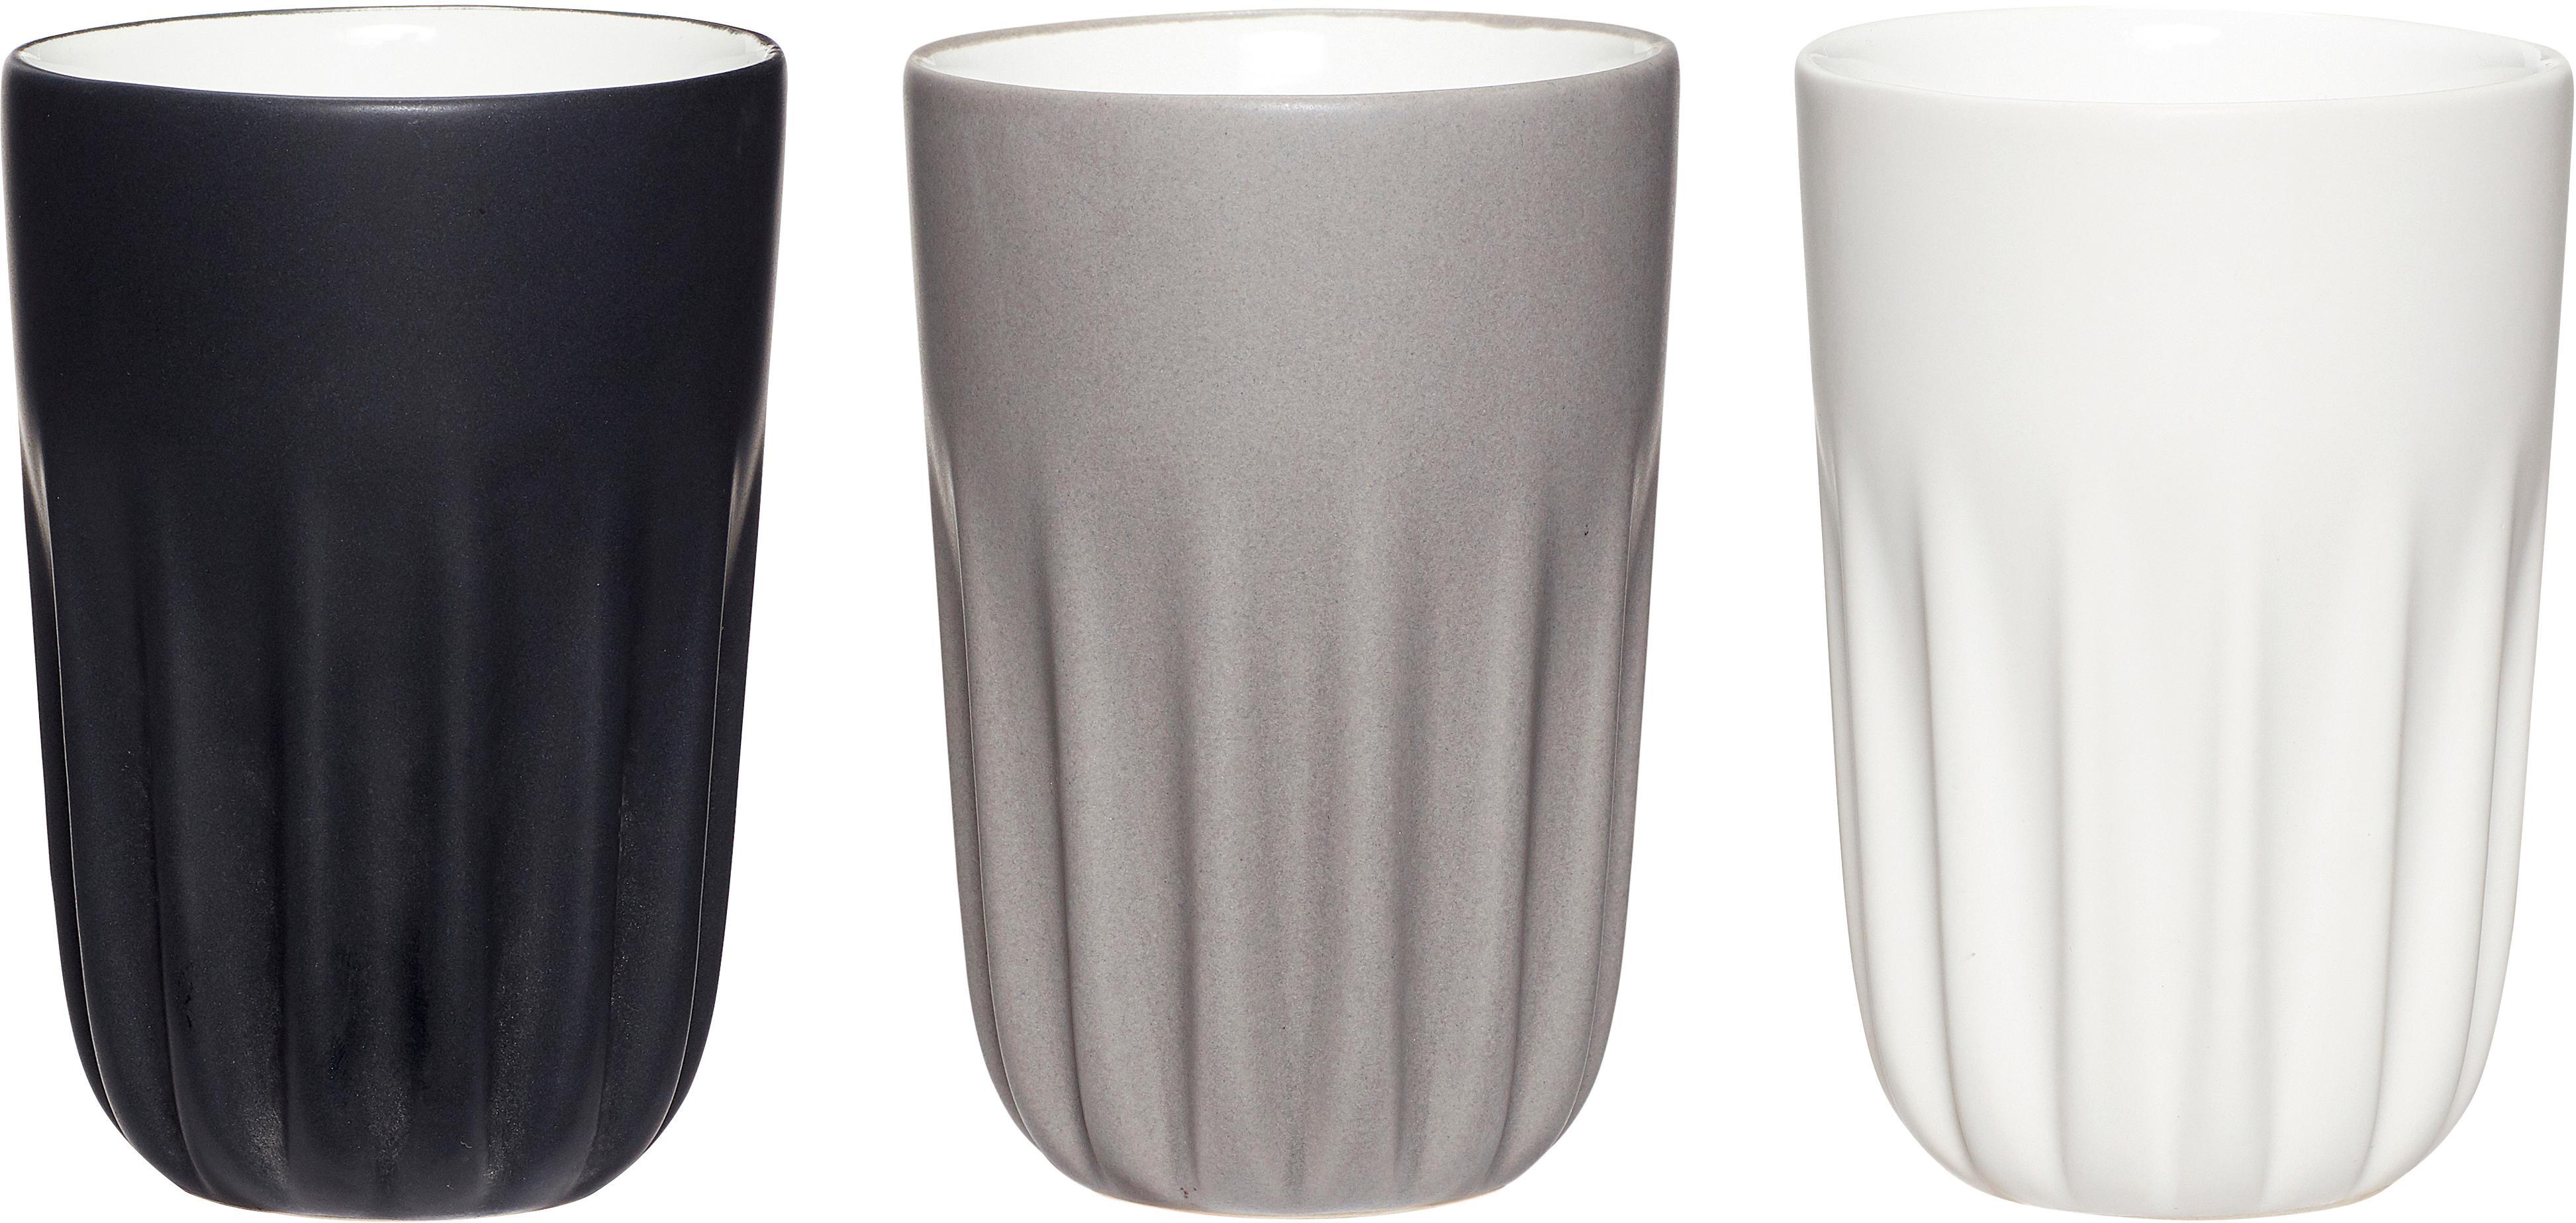 Bekerset Erlang, 3-delig, Keramiek, Wit, zwart, grijs, Ø 8 x H 12 cm